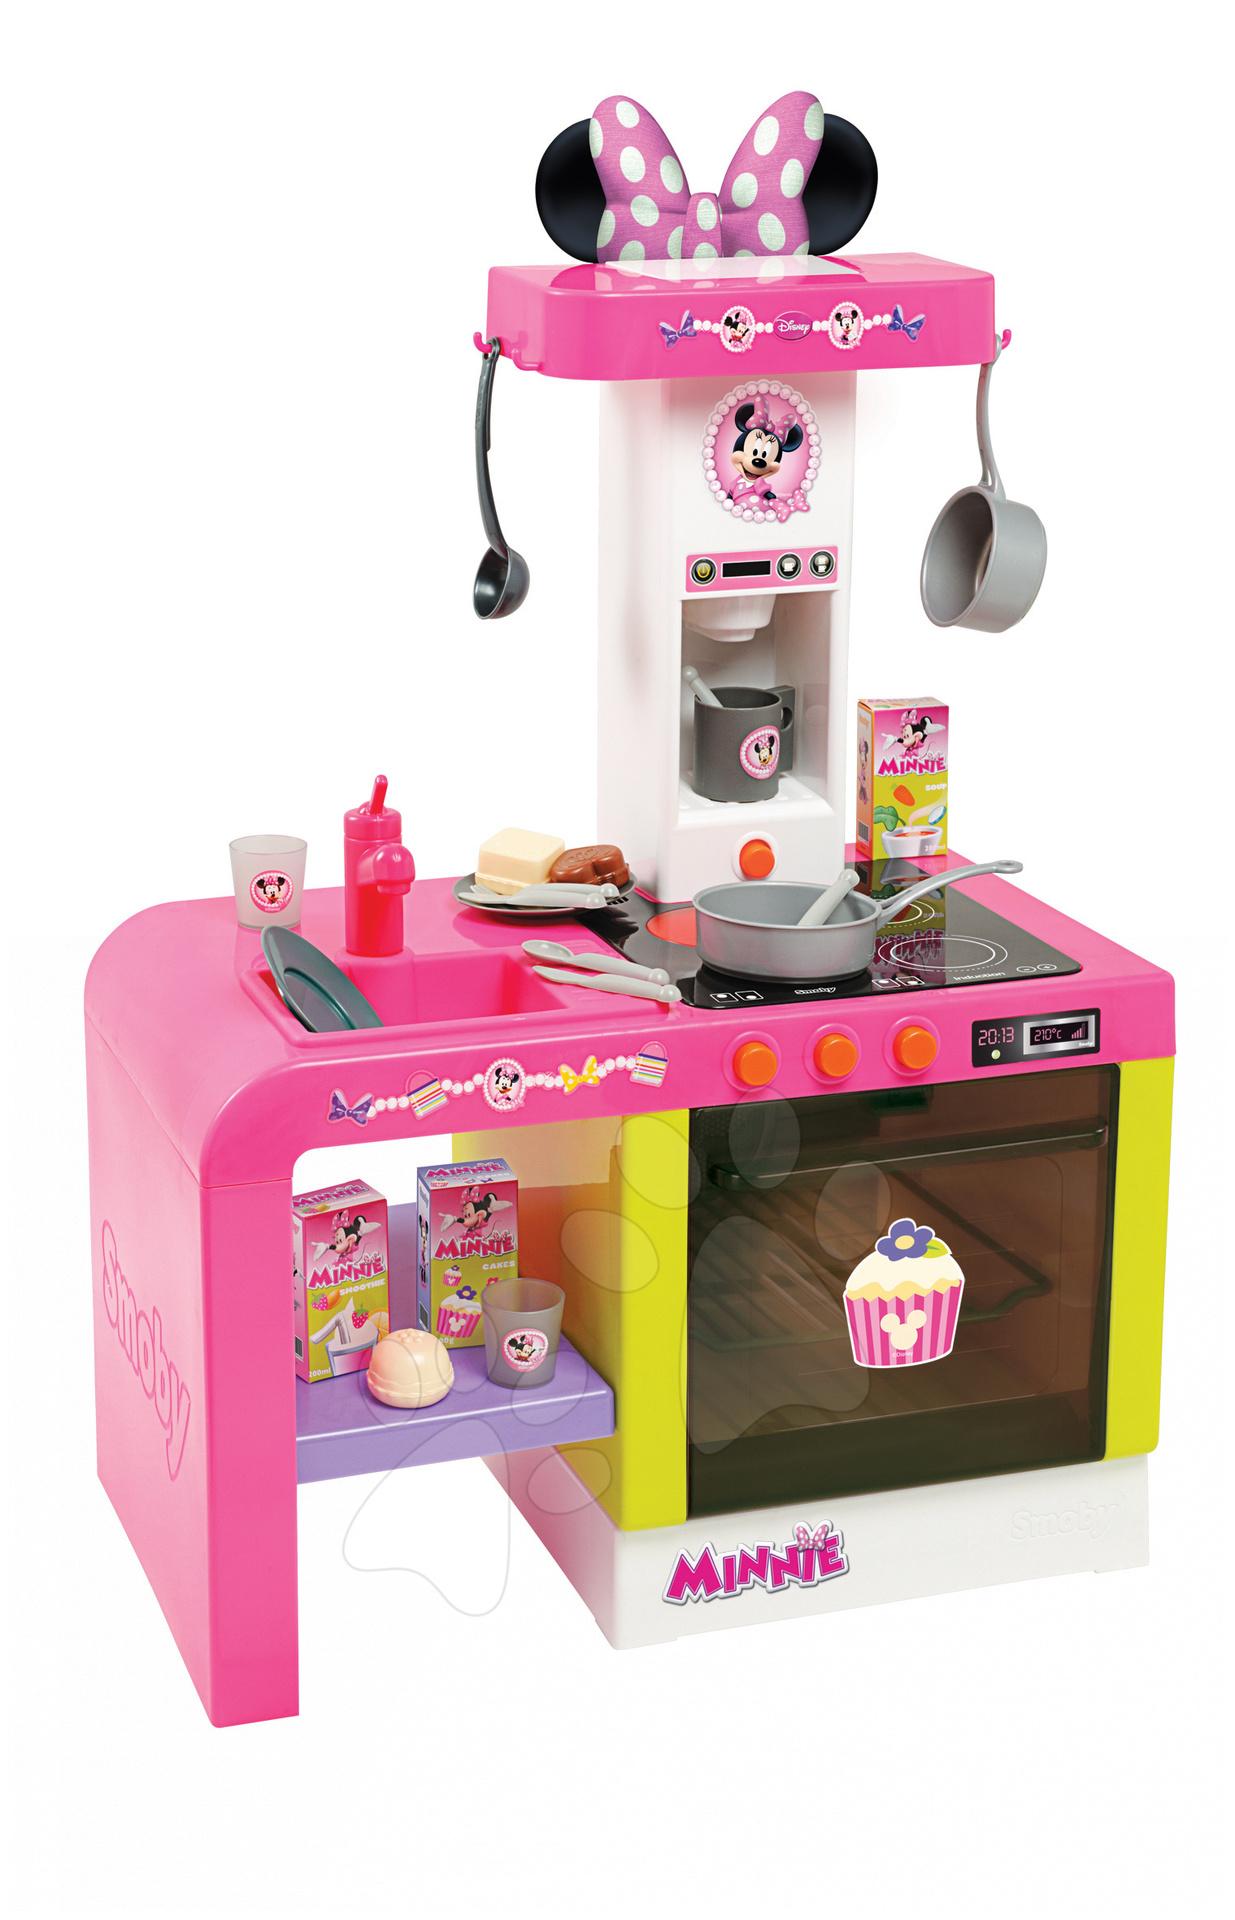 Minnie kuchyňka cheftronic Smoby se světlem a zvukem a s 20 doplňky, 31 cm výška pracovní desky